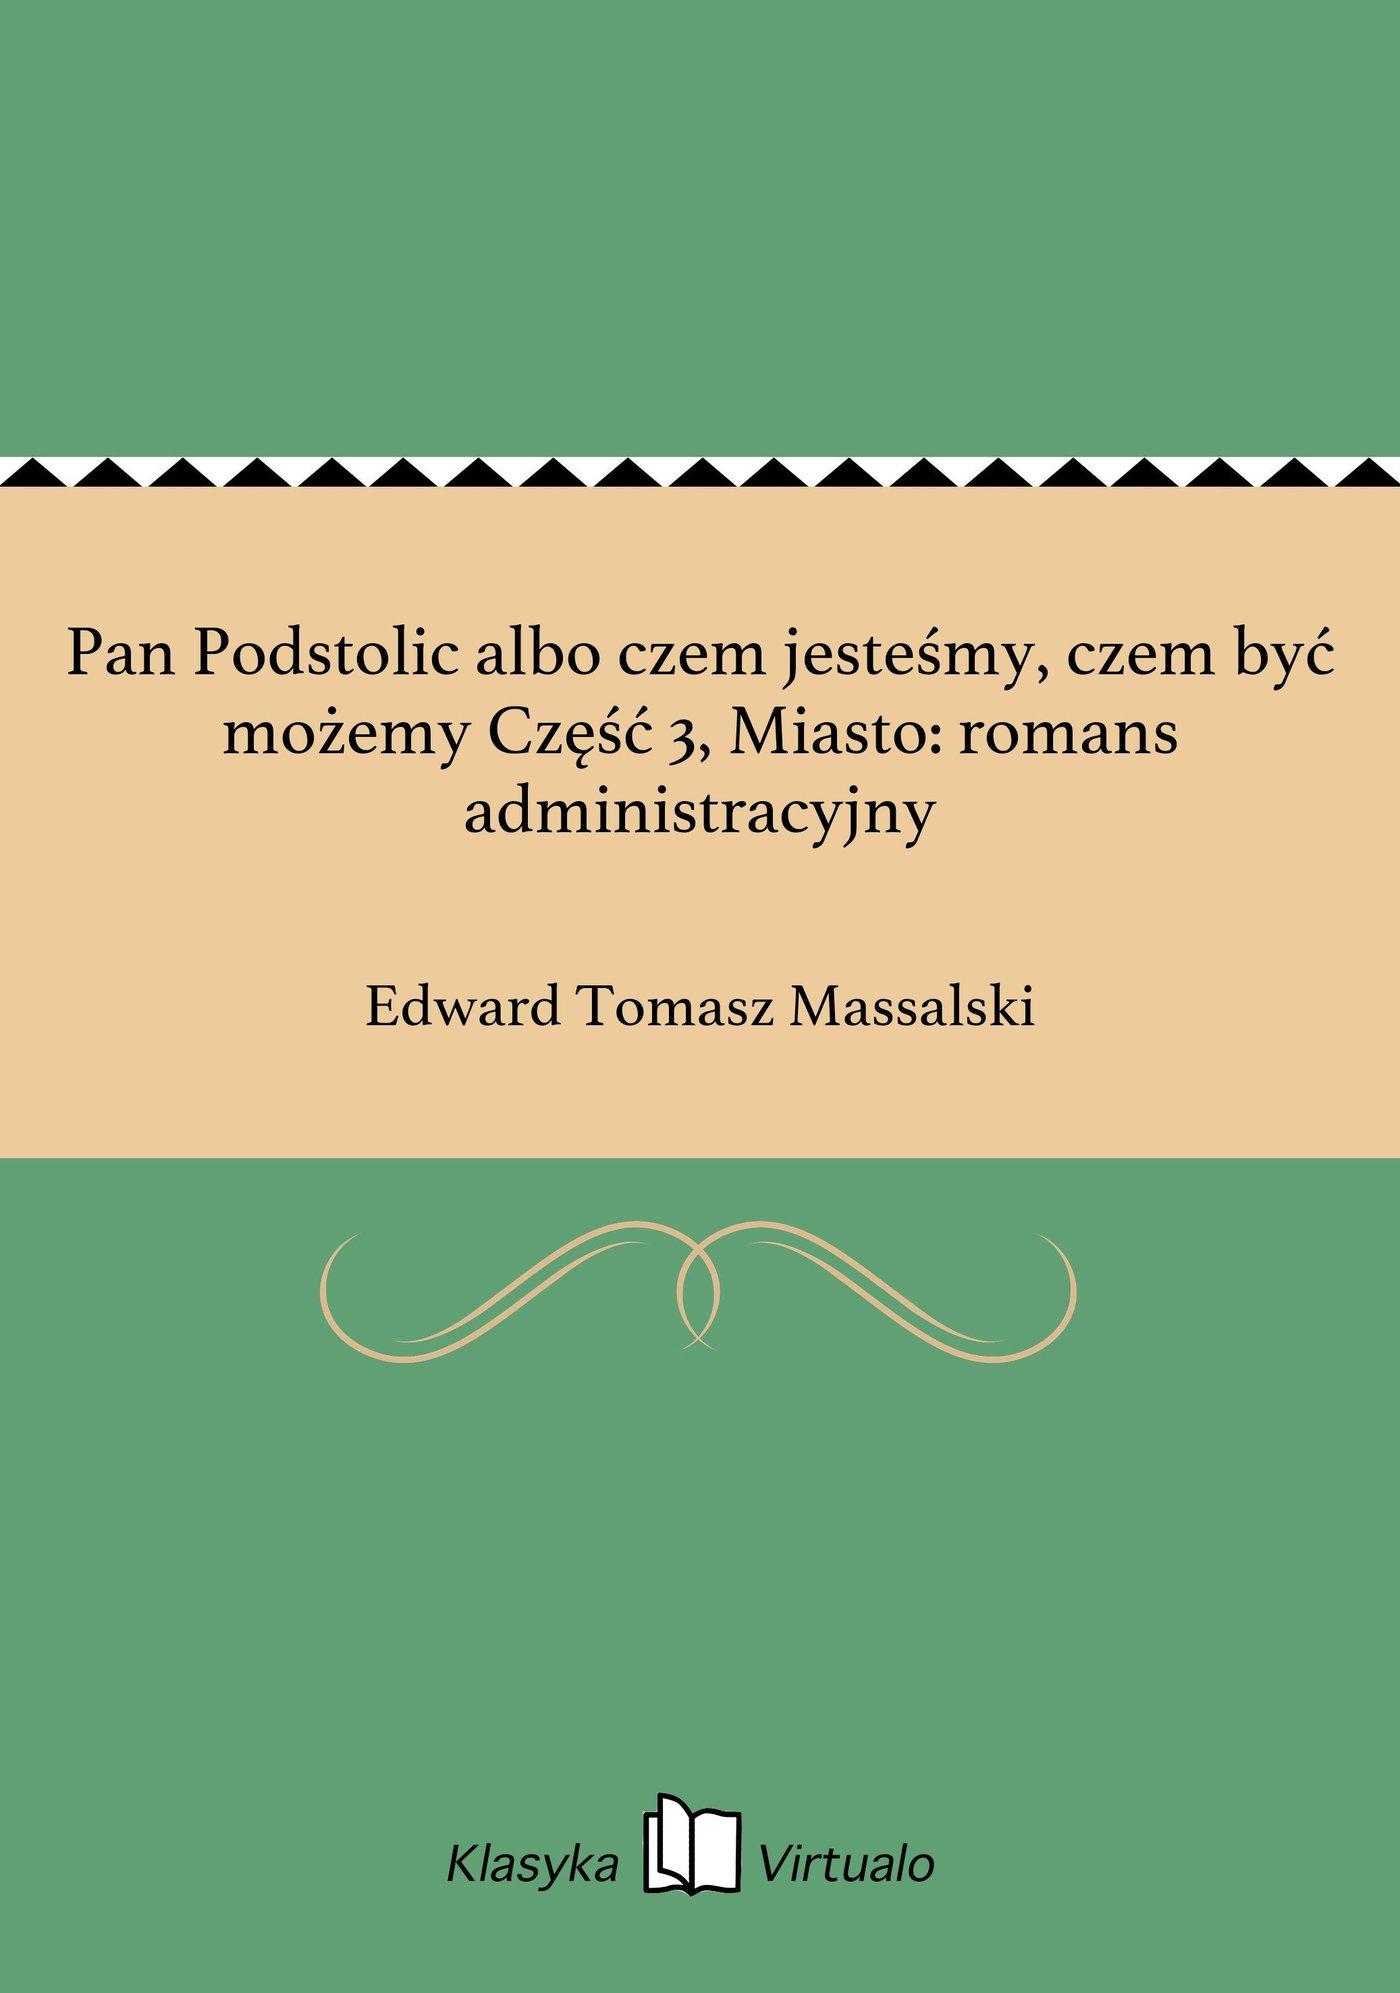 Pan Podstolic albo czem jesteśmy, czem być możemy Część 3, Miasto: romans administracyjny - Ebook (Książka EPUB) do pobrania w formacie EPUB